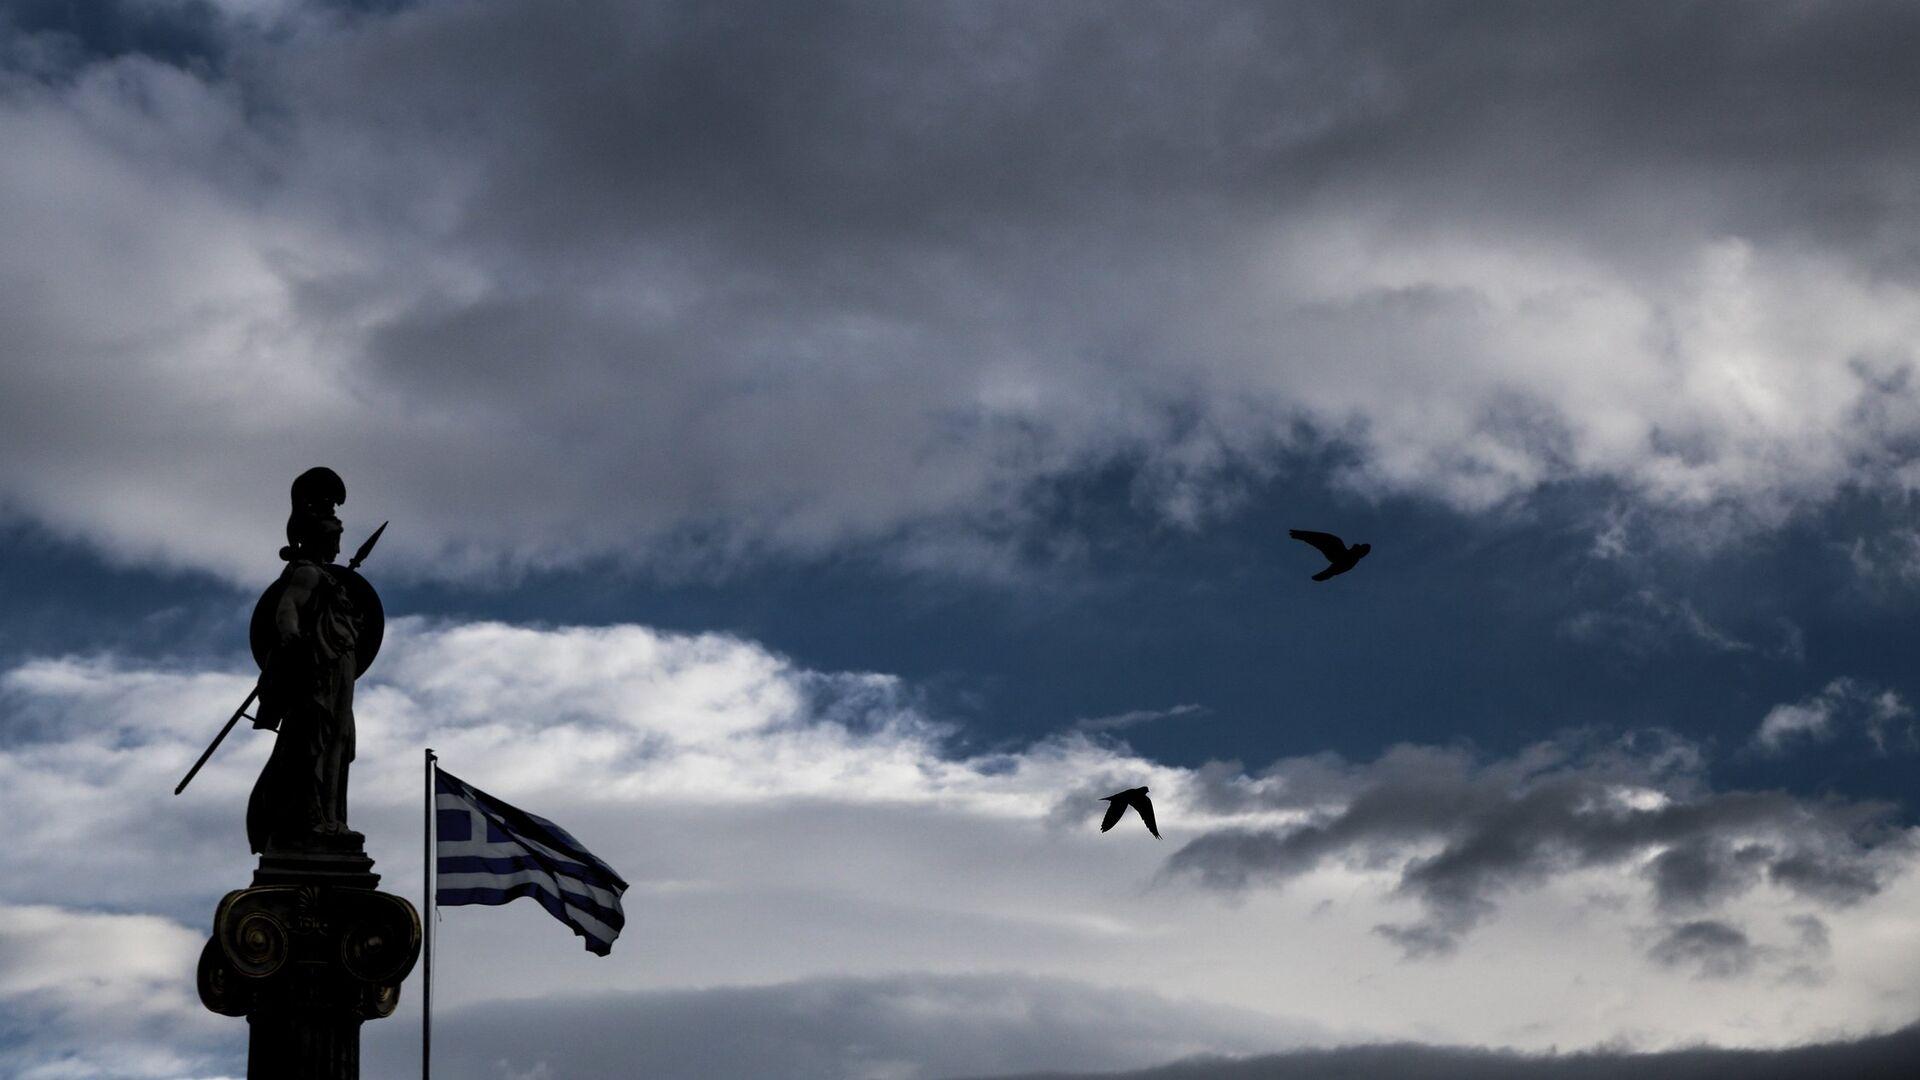 Άστατος καιρός - Sputnik Ελλάδα, 1920, 03.10.2021